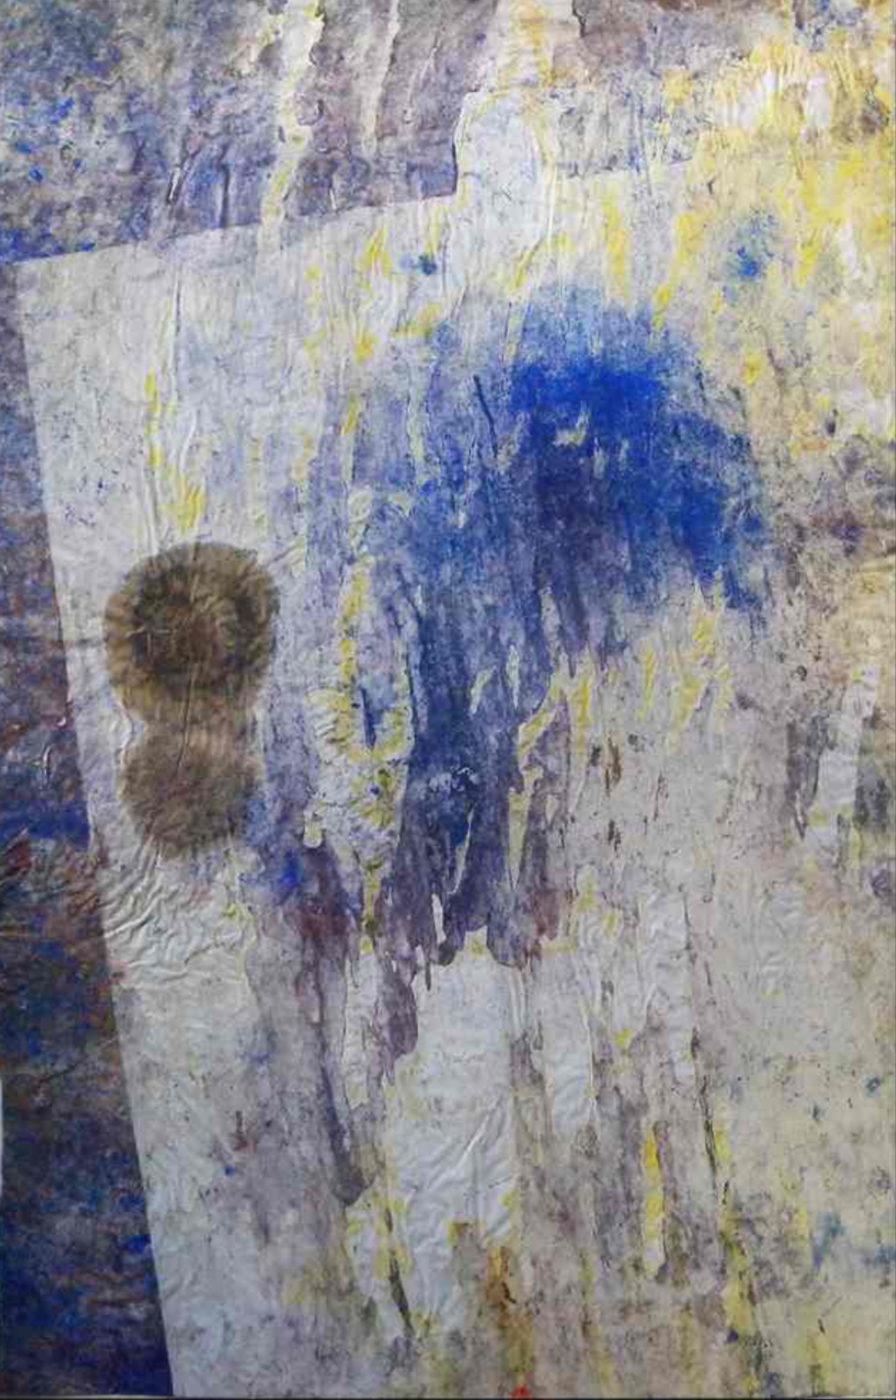 MARC FELD 2004 SANS FRÉMIR huile et pigment sur papier 52 x 117 cm